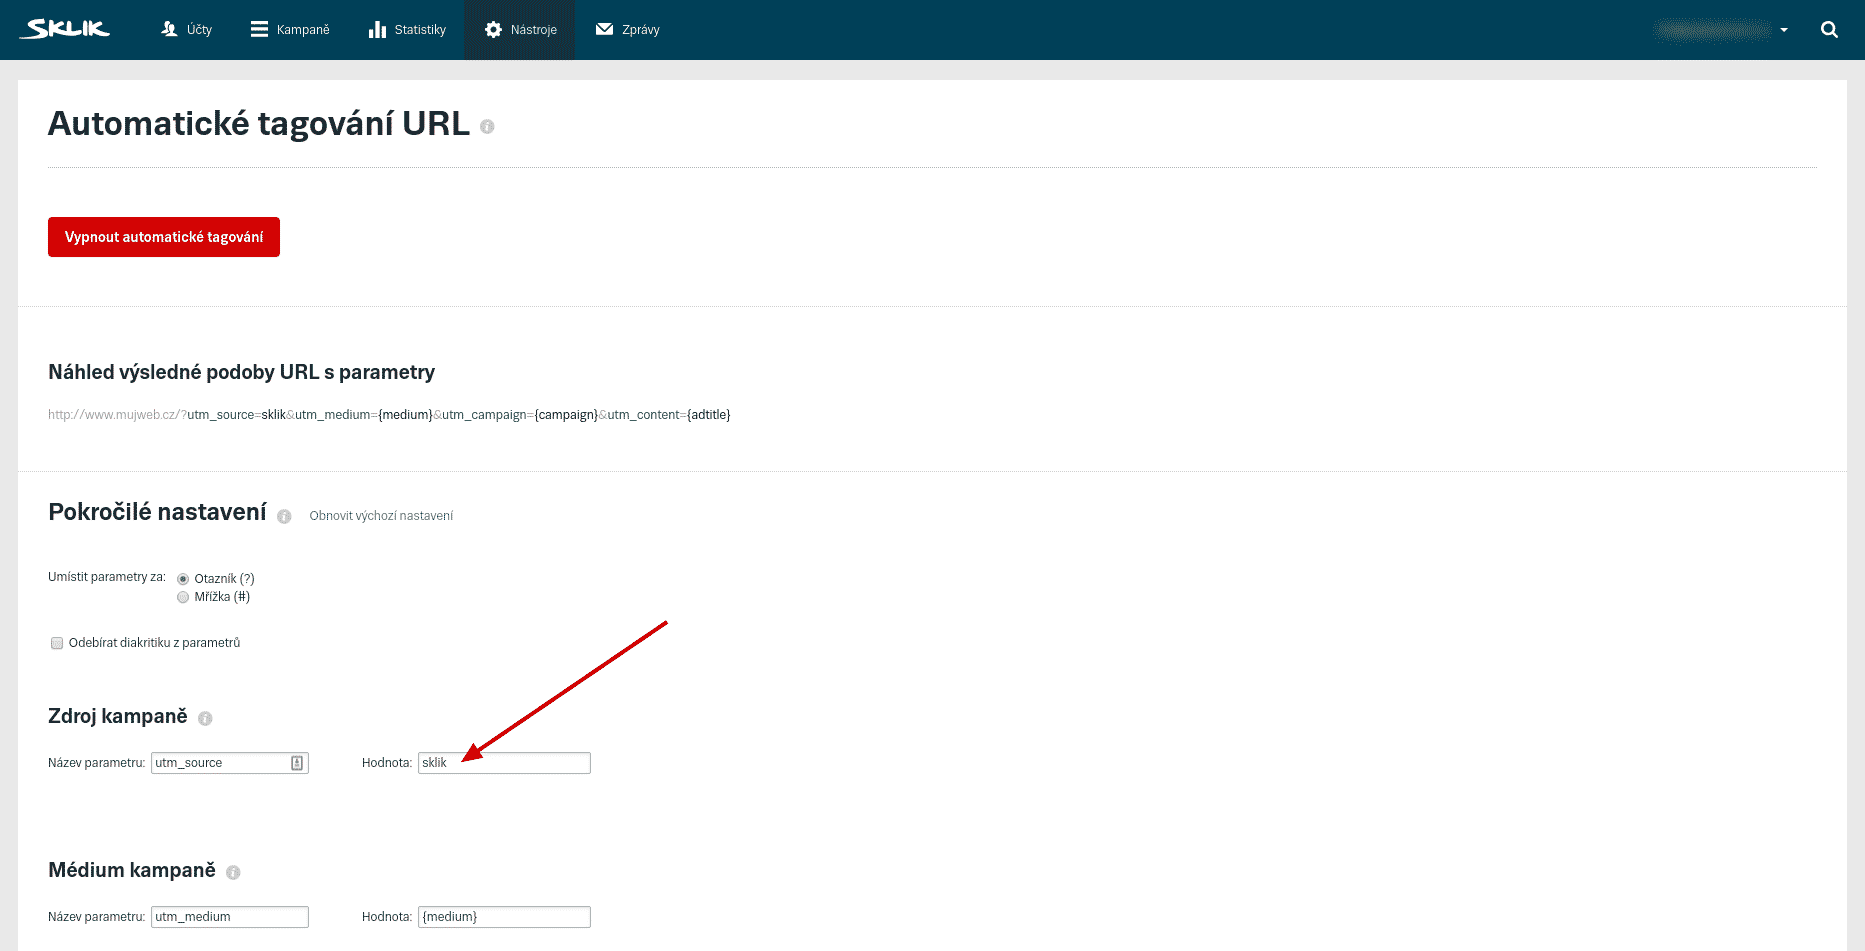 Sklik, automatické tagování, přepsaný Zdroj kampaně